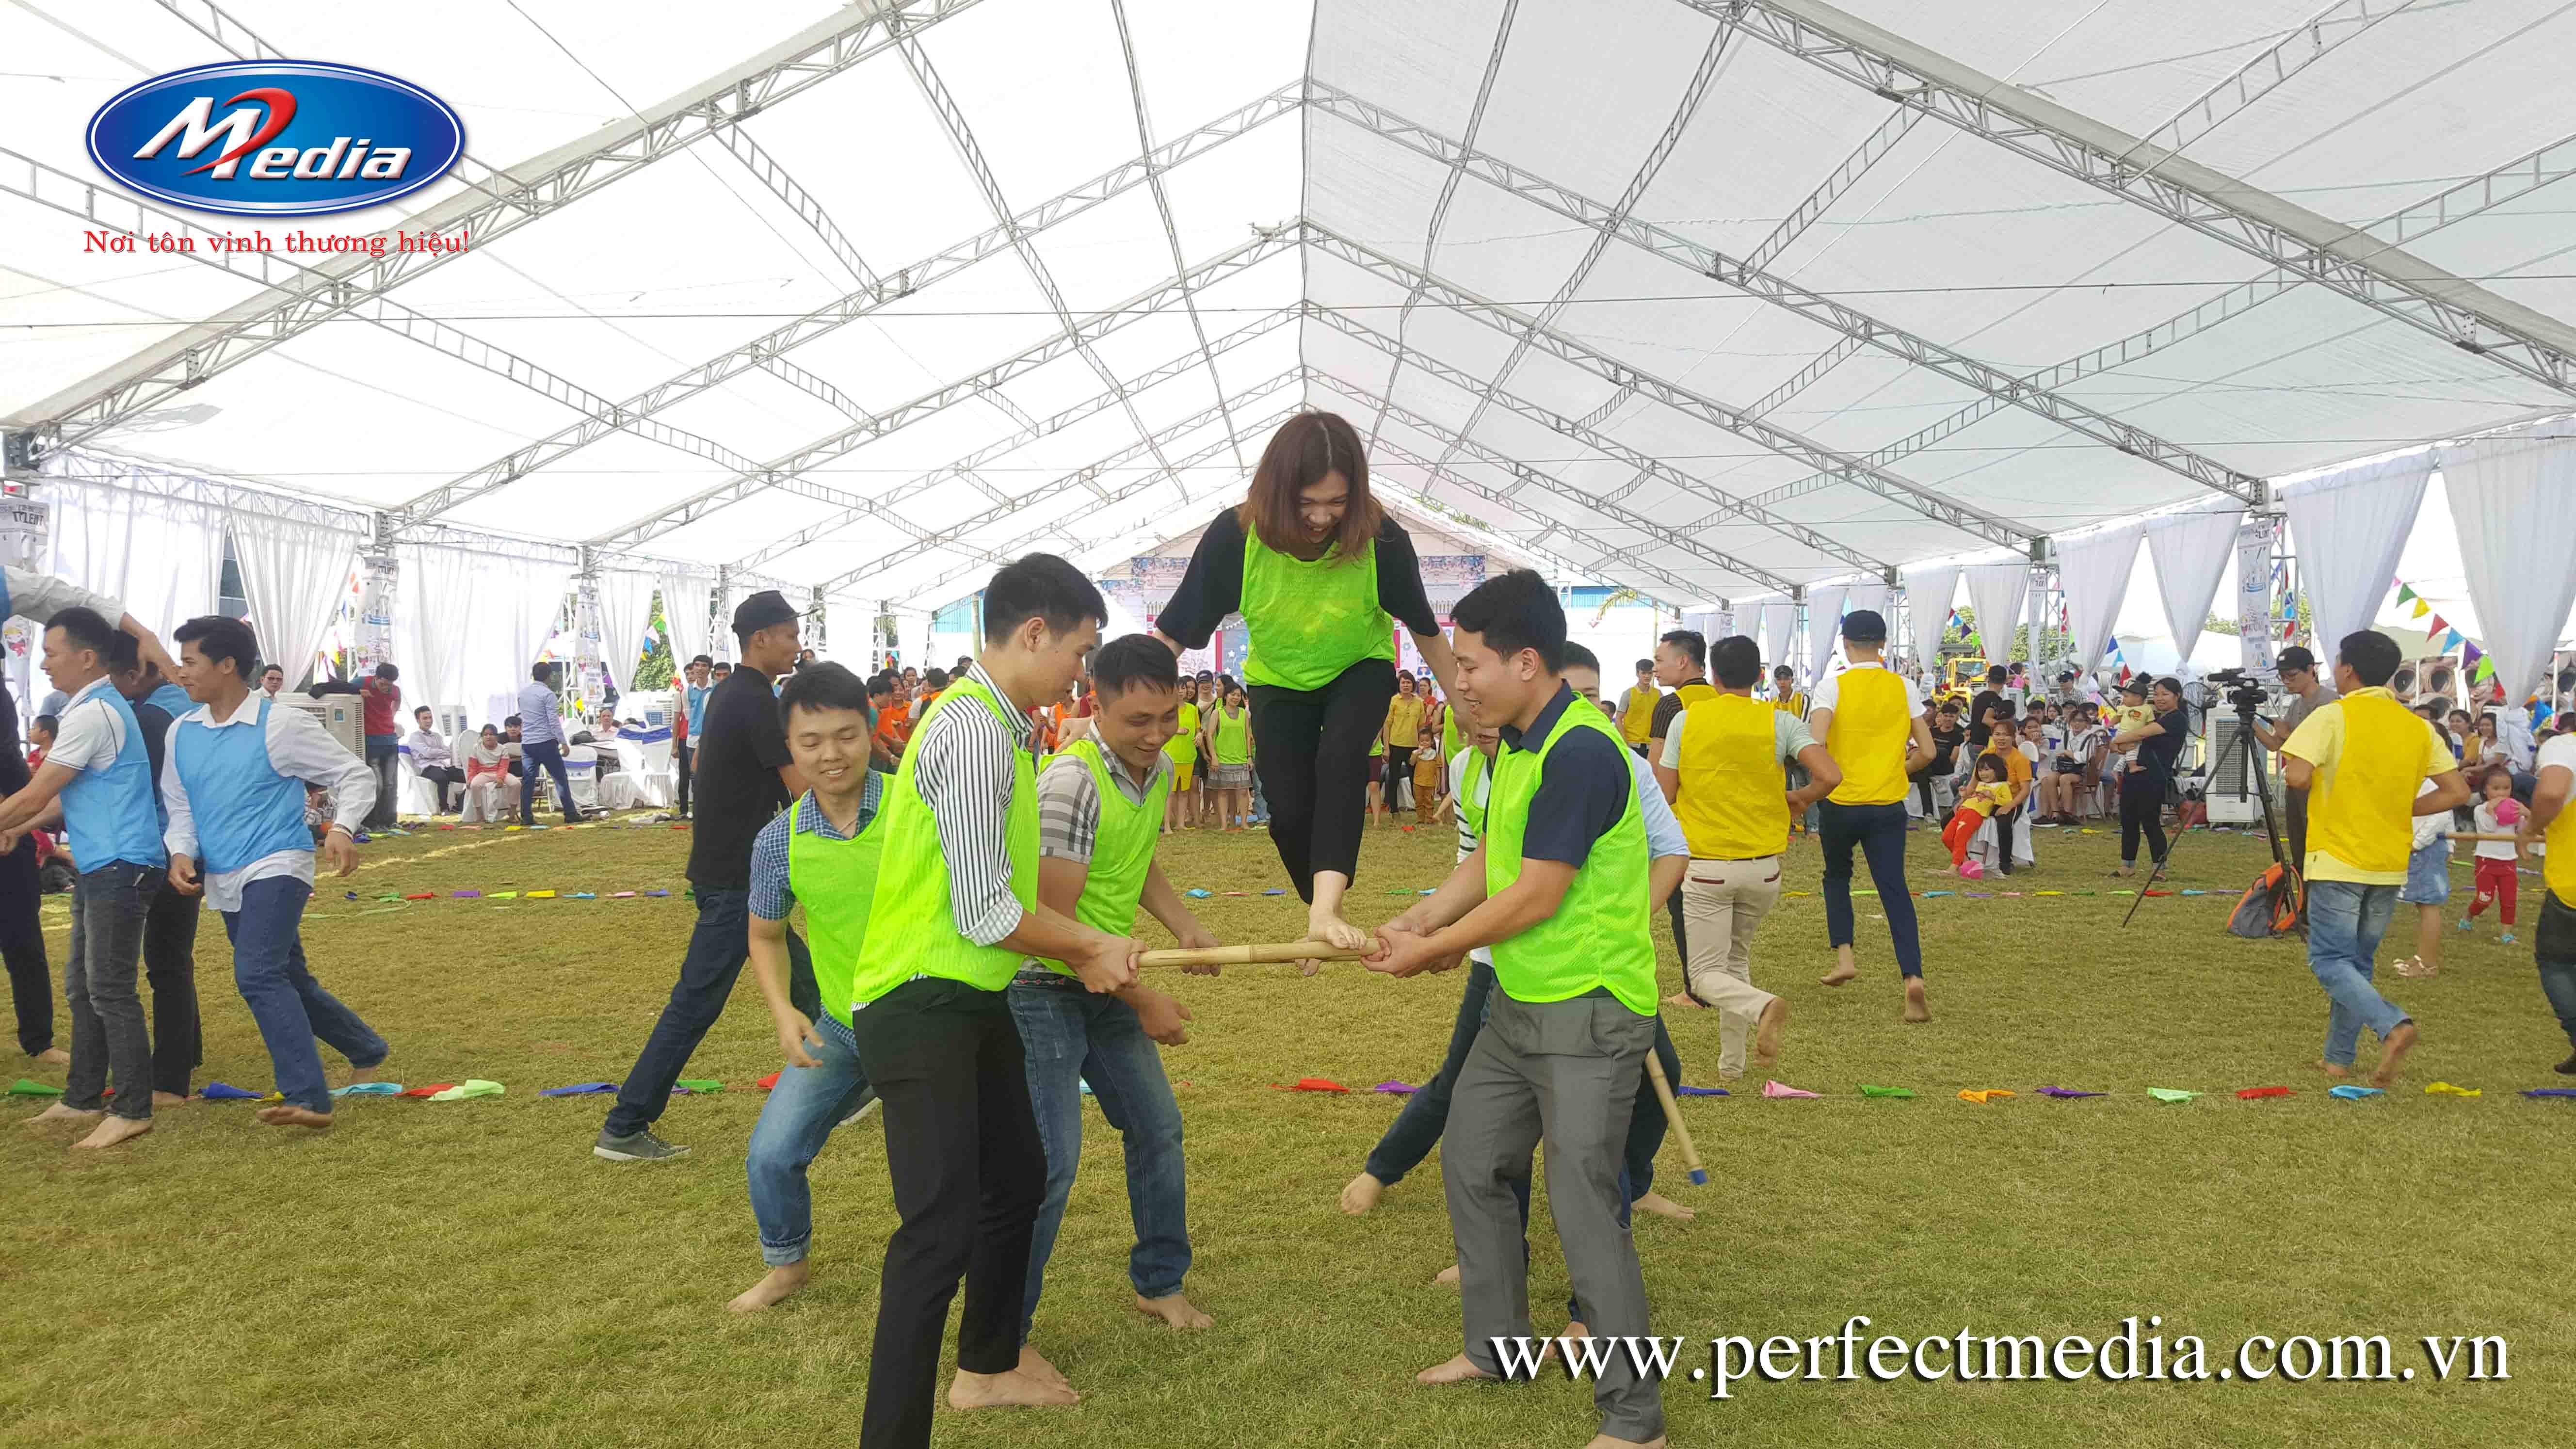 dịch vụtổ chức sự kiện ngày hội Gia đình(Family day) tại quảng ninh ha long